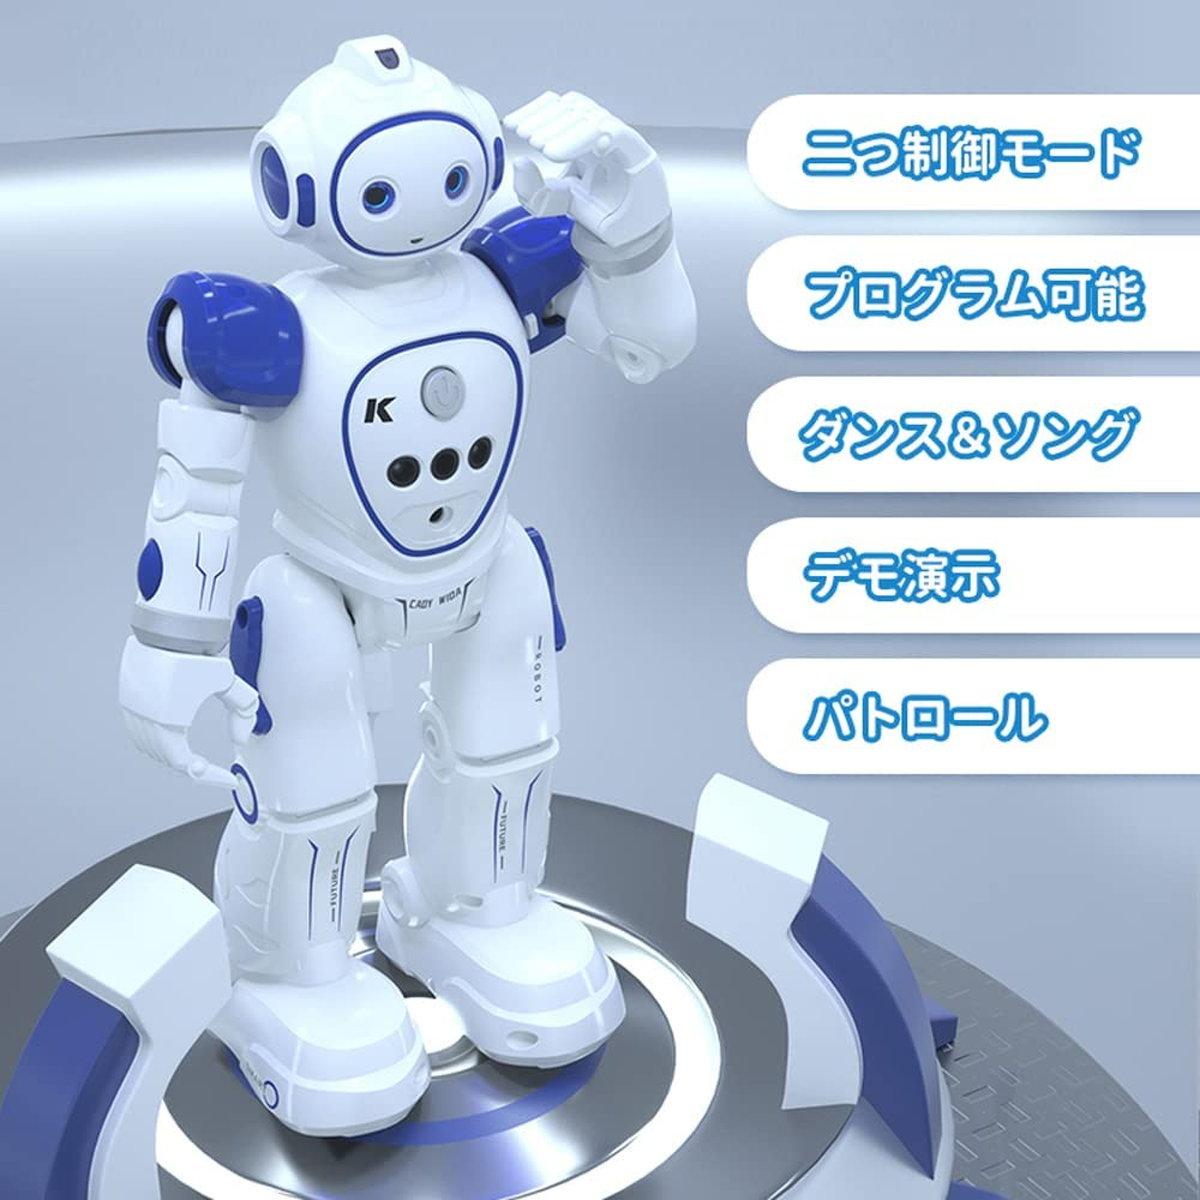 マジックボイス ロボット ミュージック 音楽 録音 変声 リピート 表情変化